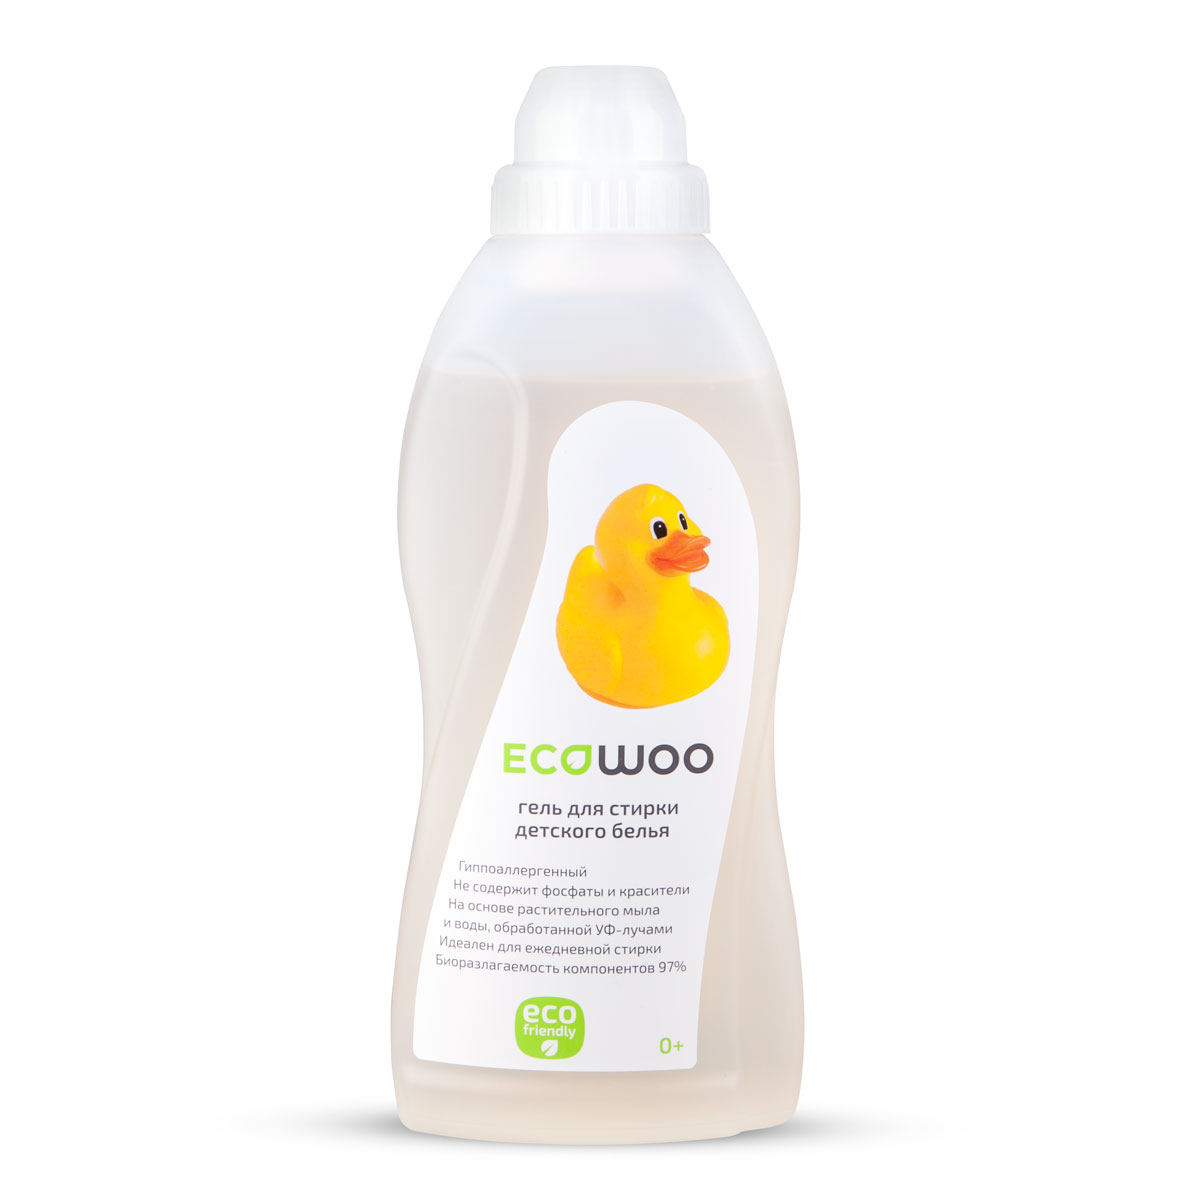 Гель для стирки детского белья EcoWoo, гипоаллергенный, 700 млЕ088156Гипоаллергенный гель EcoWoo подходит для стирки детского белья с первых дней жизниребенка. Средство на основе растительного мыла и воды, обработанной УФ- лучами, не содержитфосфаты и красители. Идеален для ежедневной стирки. Биоразлагаемость компонентов 97%.Рецептура на основе натурального мыла разработана специально для чувствительной детскойкожи с первых дней жизни. Состав: вода специально подготовленная, АПАВ 5-15%, растительное мыло 5-15%, НПАВ менее5%, гипоаллергенная отдушка, консервант. Товар сертифицирован.